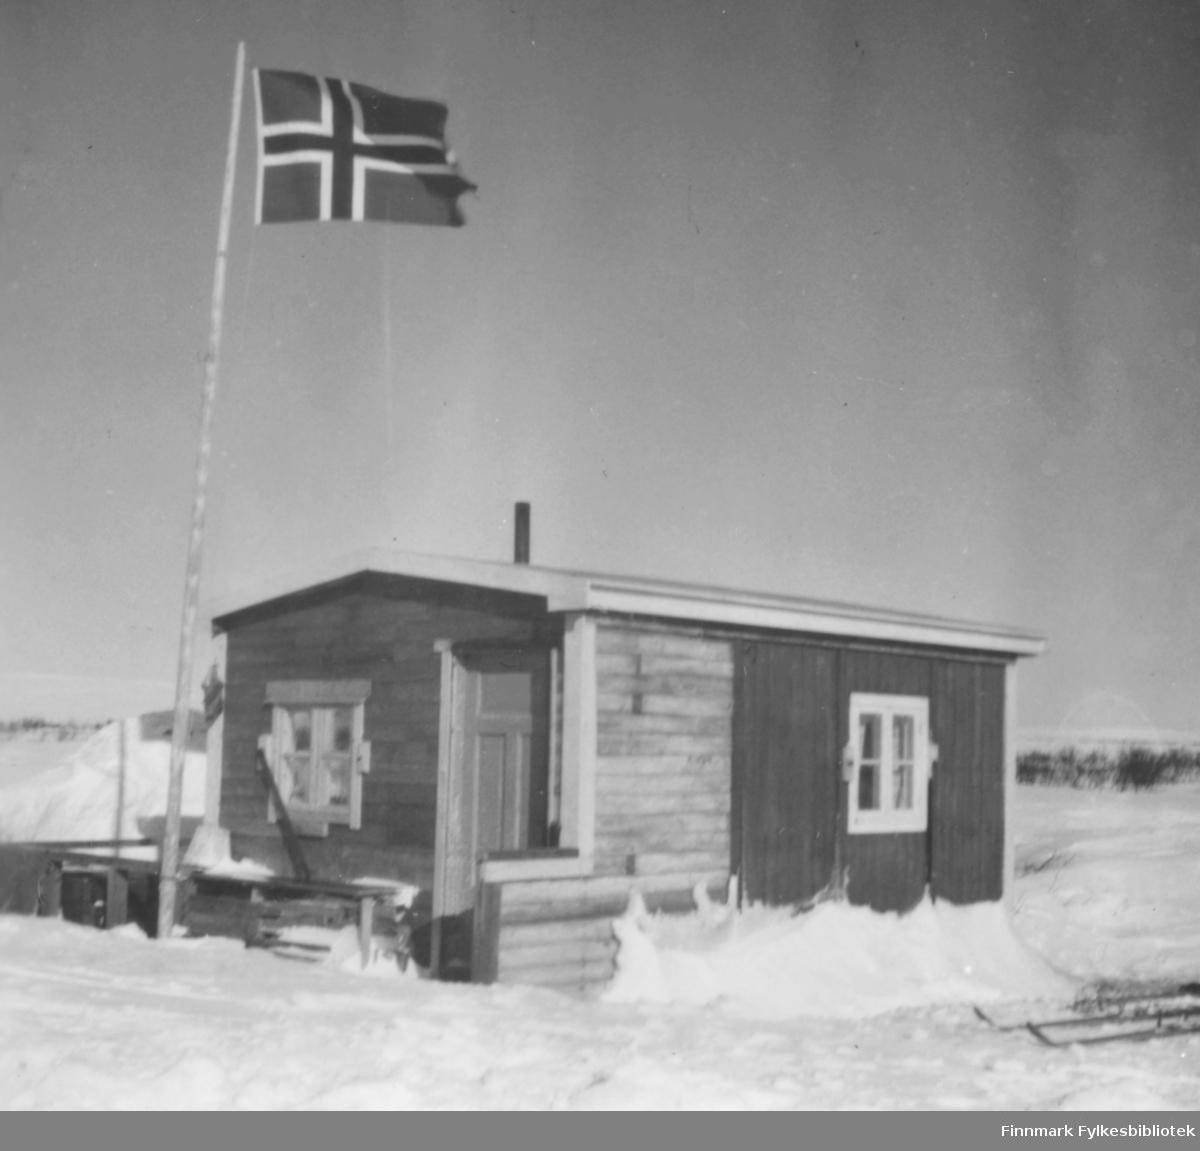 Hytte ved Sjåbuselva i Vadsø. Den tilhørte Edith og Arne Berg, Ragnhilds tante og onkel. Flagget er heist, ski i snøen ved hytta